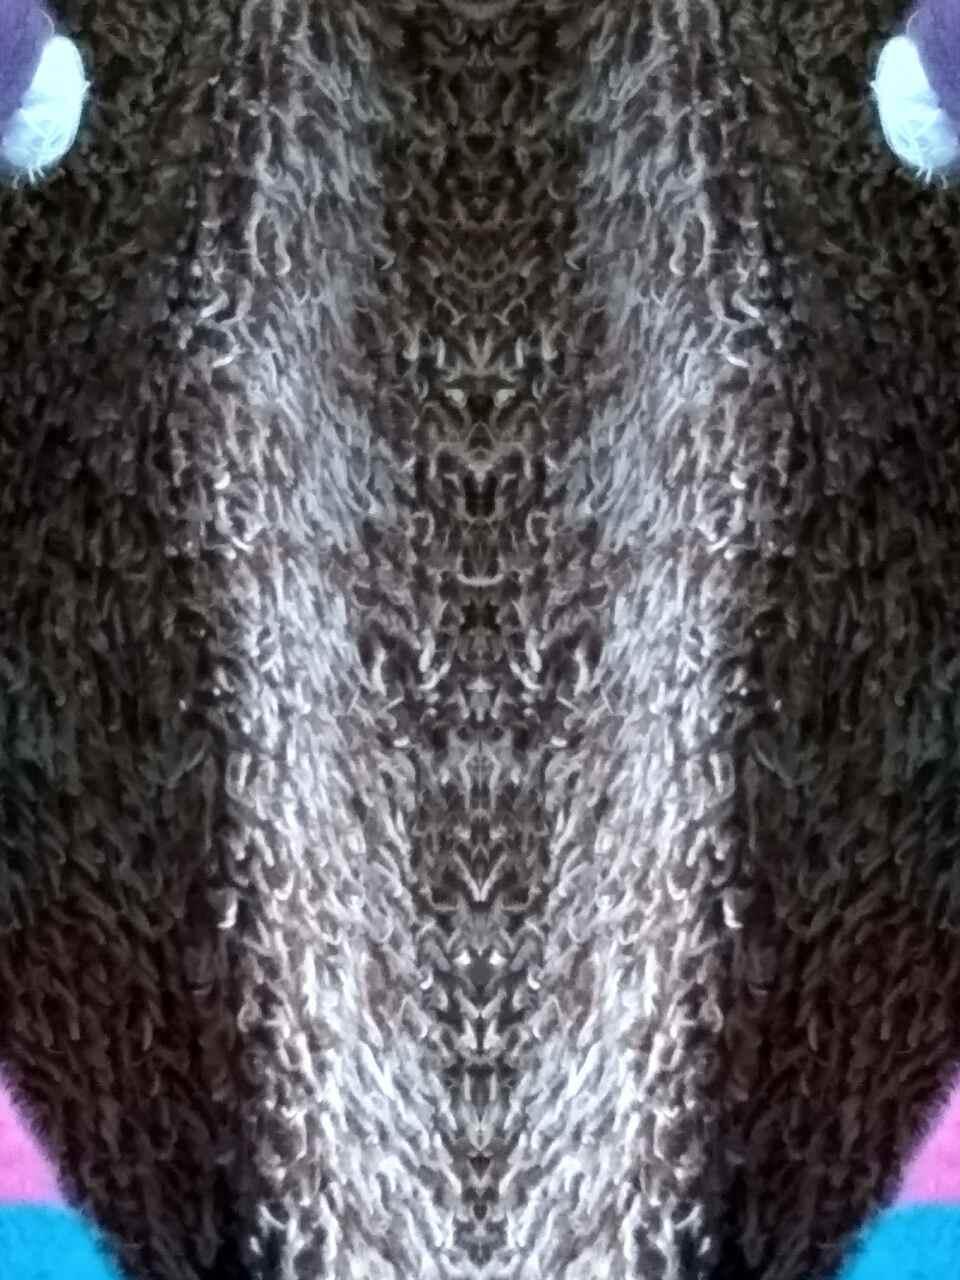 image-0-02-04-dd1ebebcee13f5532f22cbb1281c03c907fb40898c68558ee02ed6d47e0abafe-V.jpg